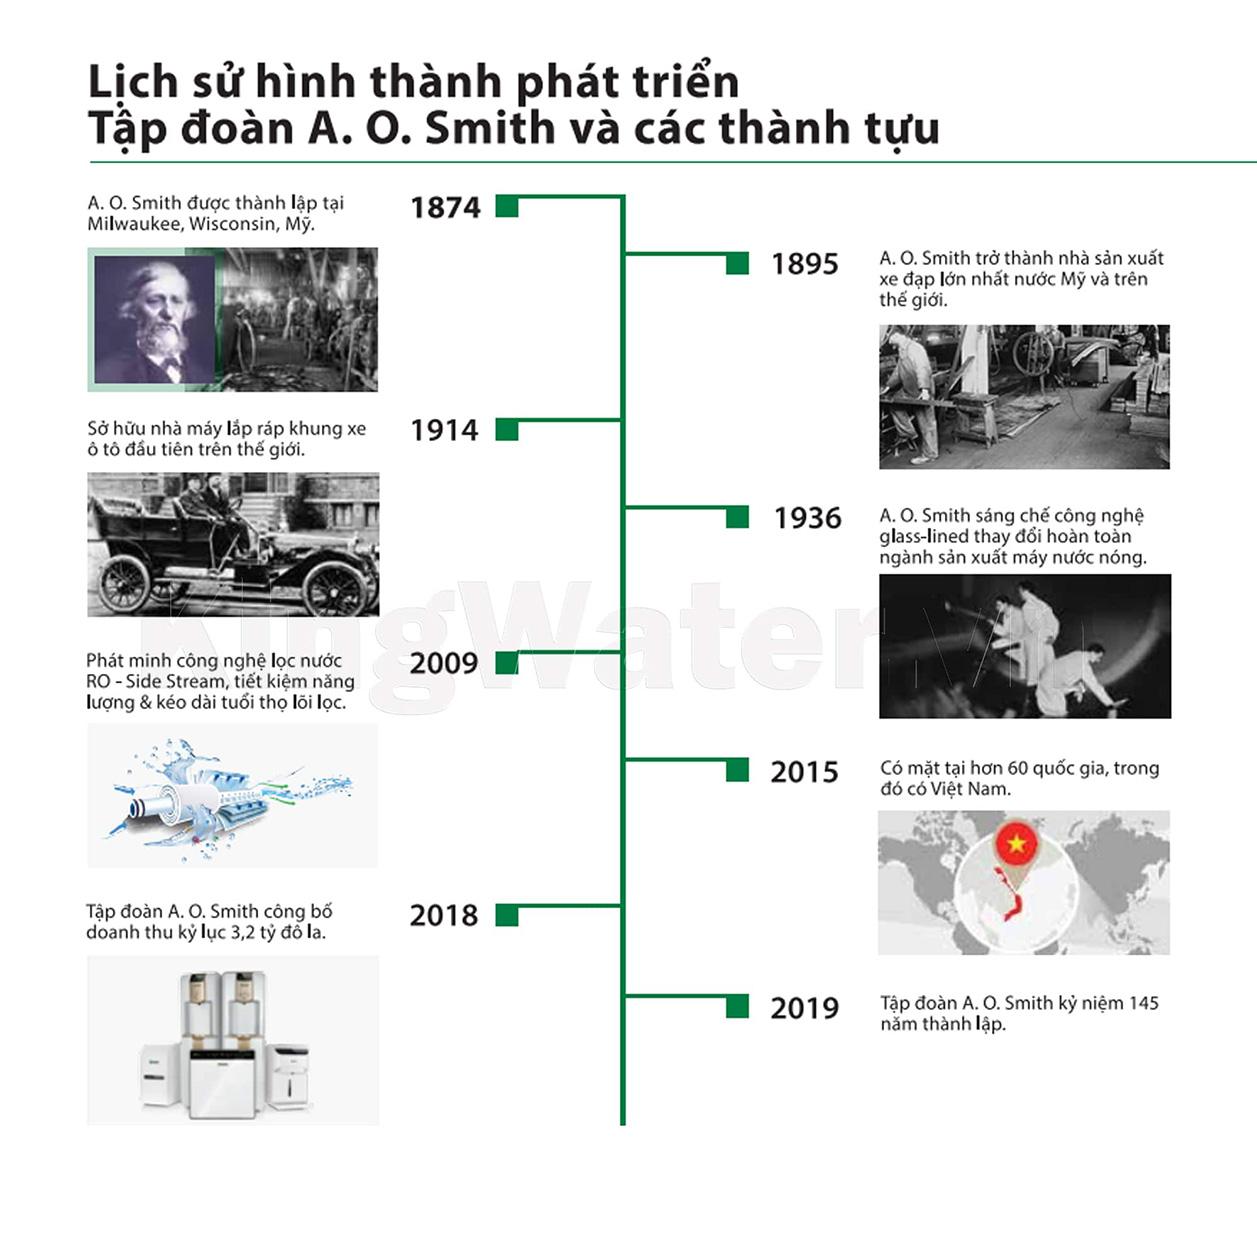 Aosmith là giải pháp tối ưu cho cuộc sống của hàng triệu gia đình Việt Nam